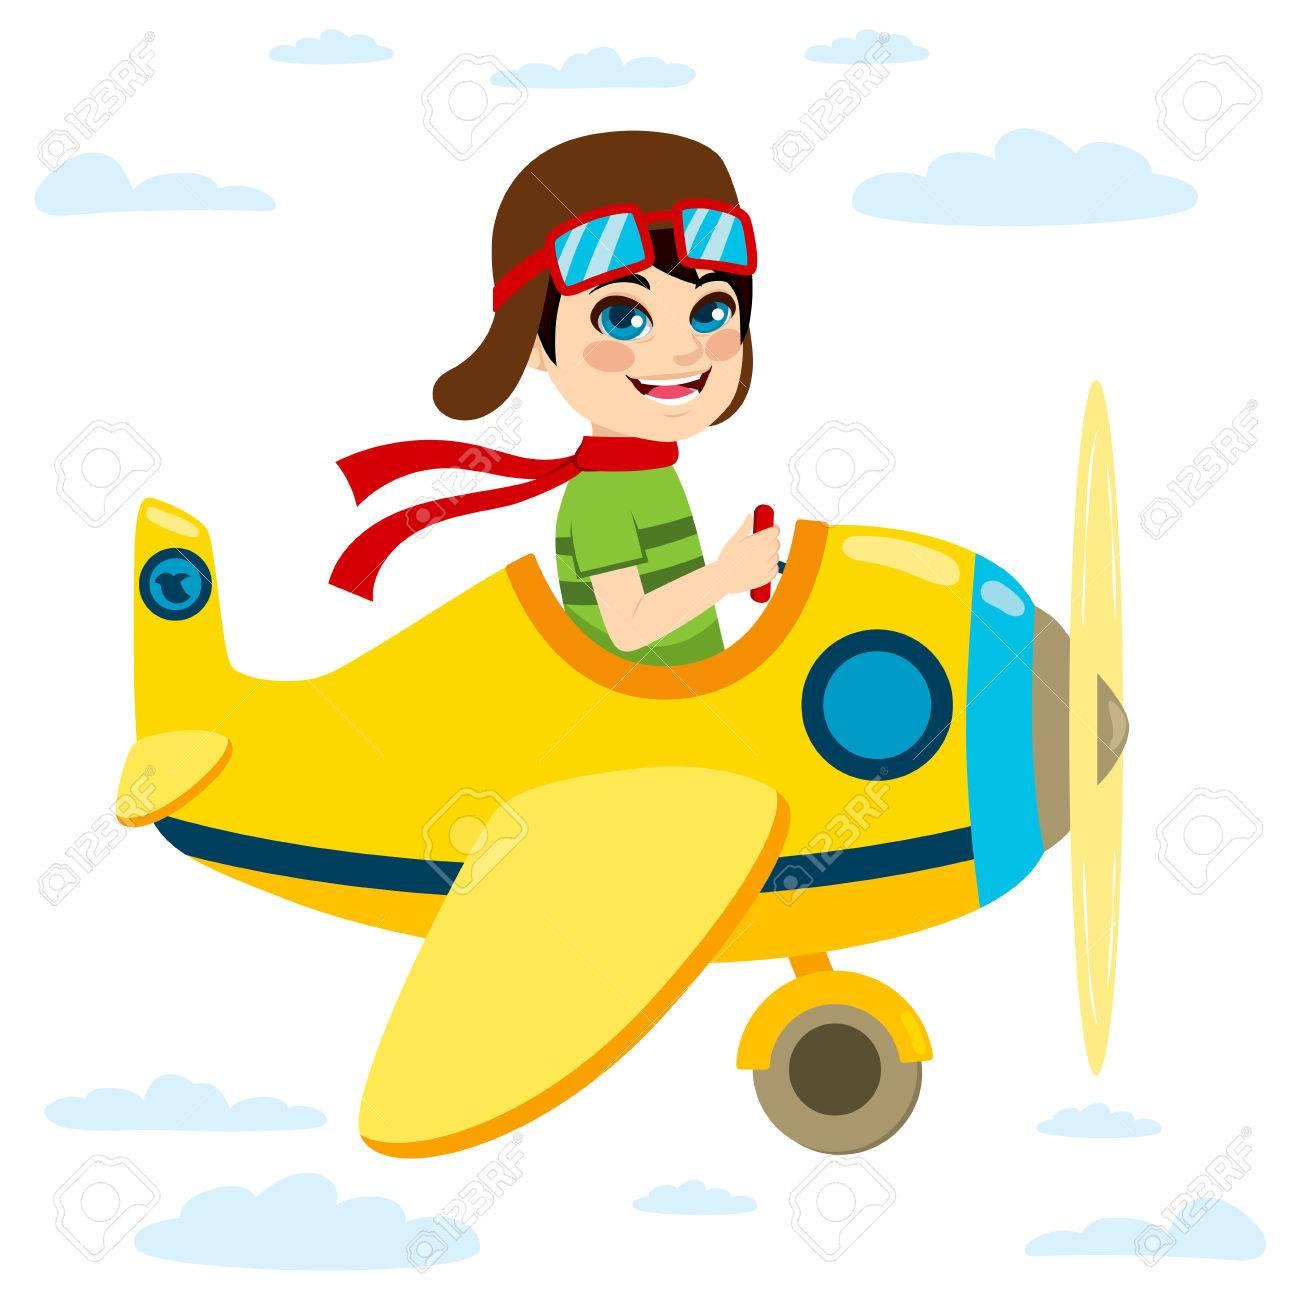 Cute little kid flying a plane on sky.